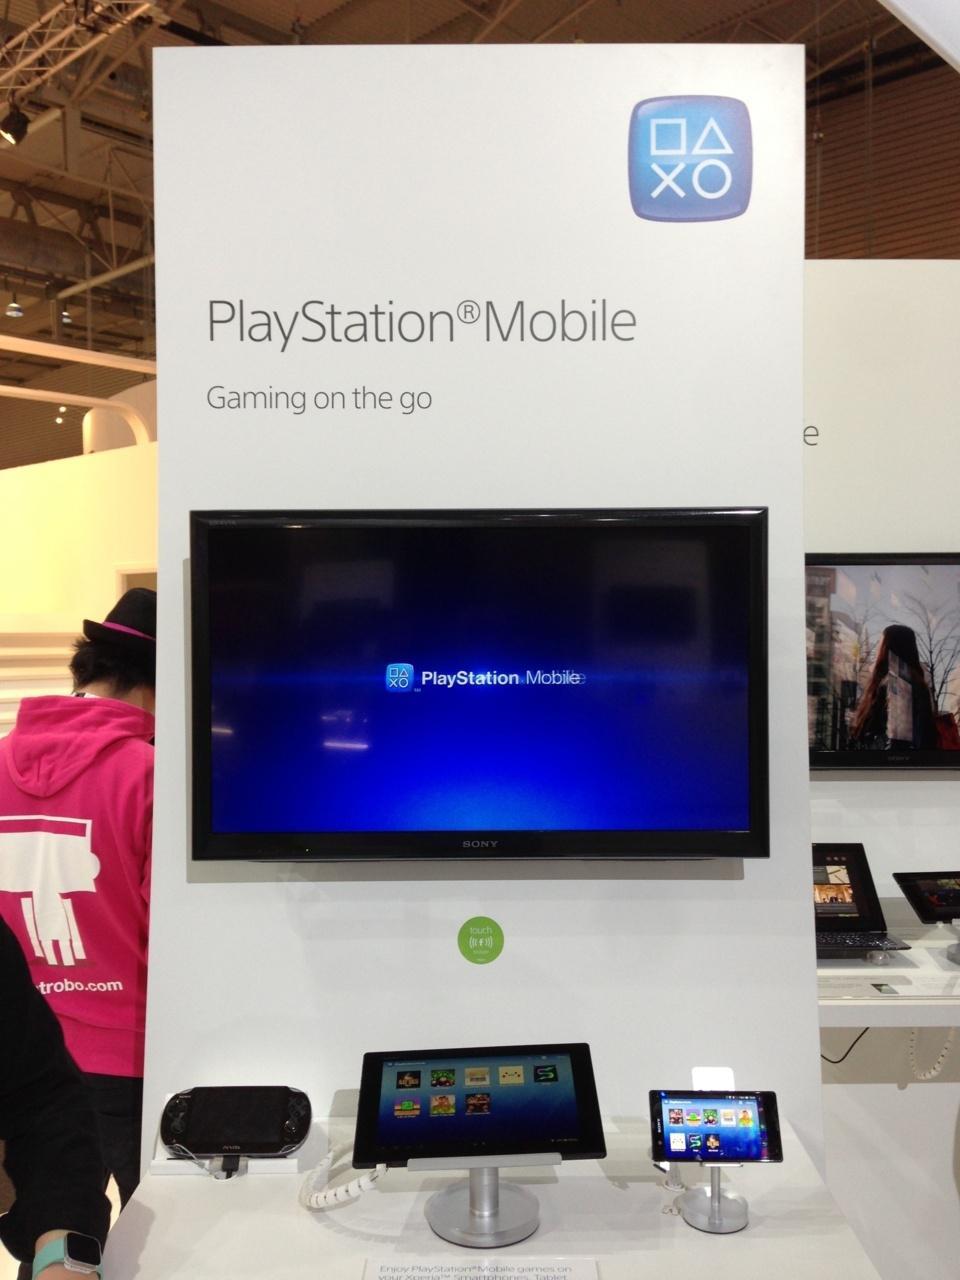 Enfin, je demande ou est exposée la PS4.